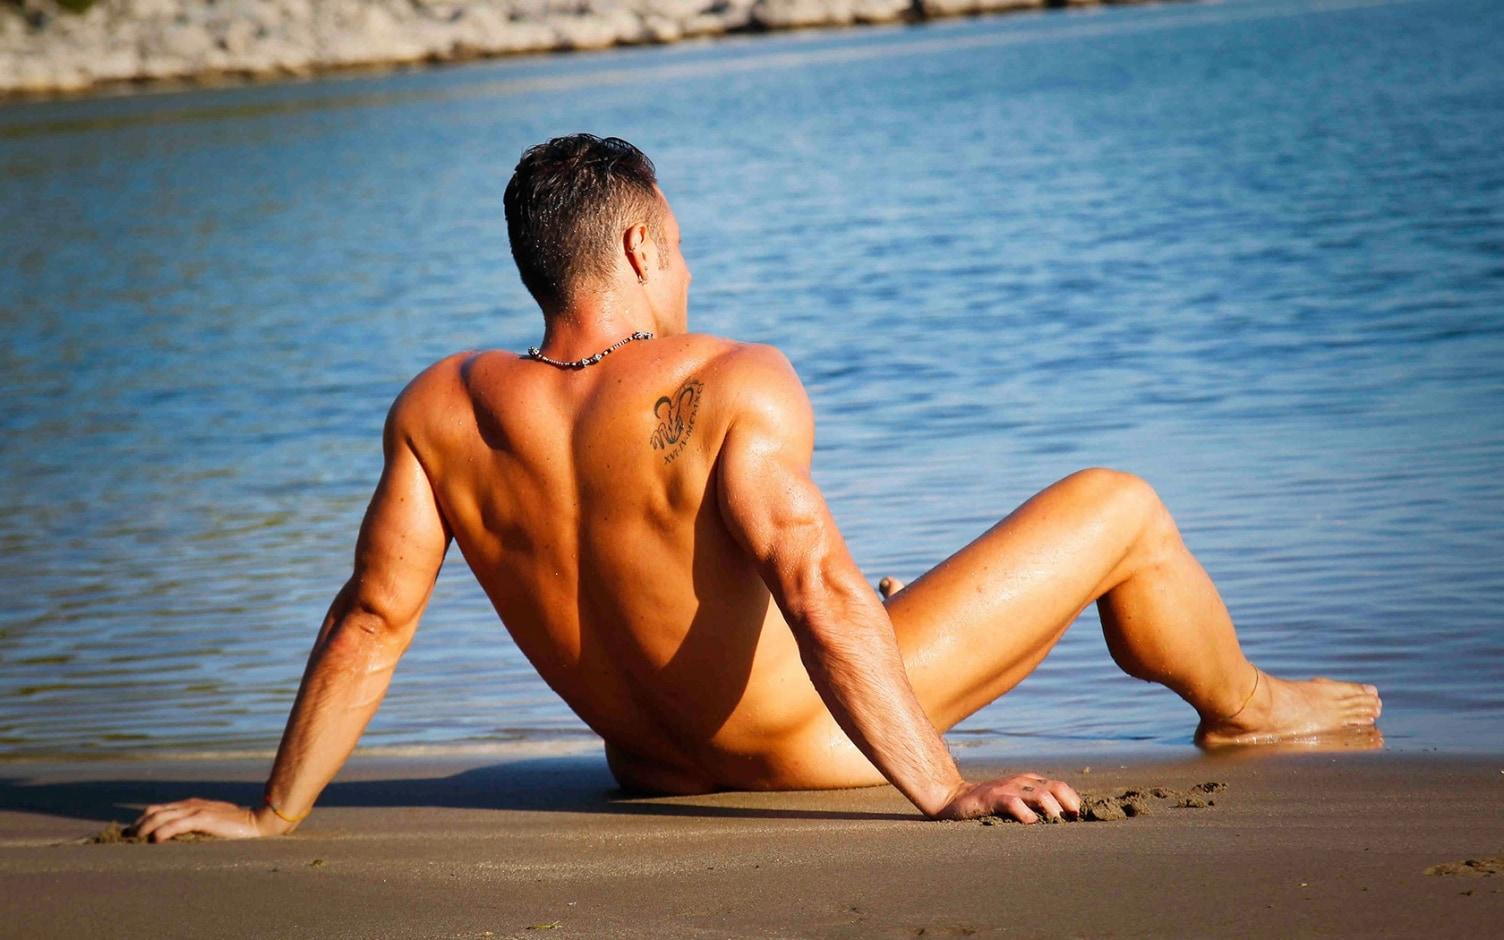 Рассказы секс втроём на пляже, Свингеры рассказы -историй. Читать порно онлайн 22 фотография